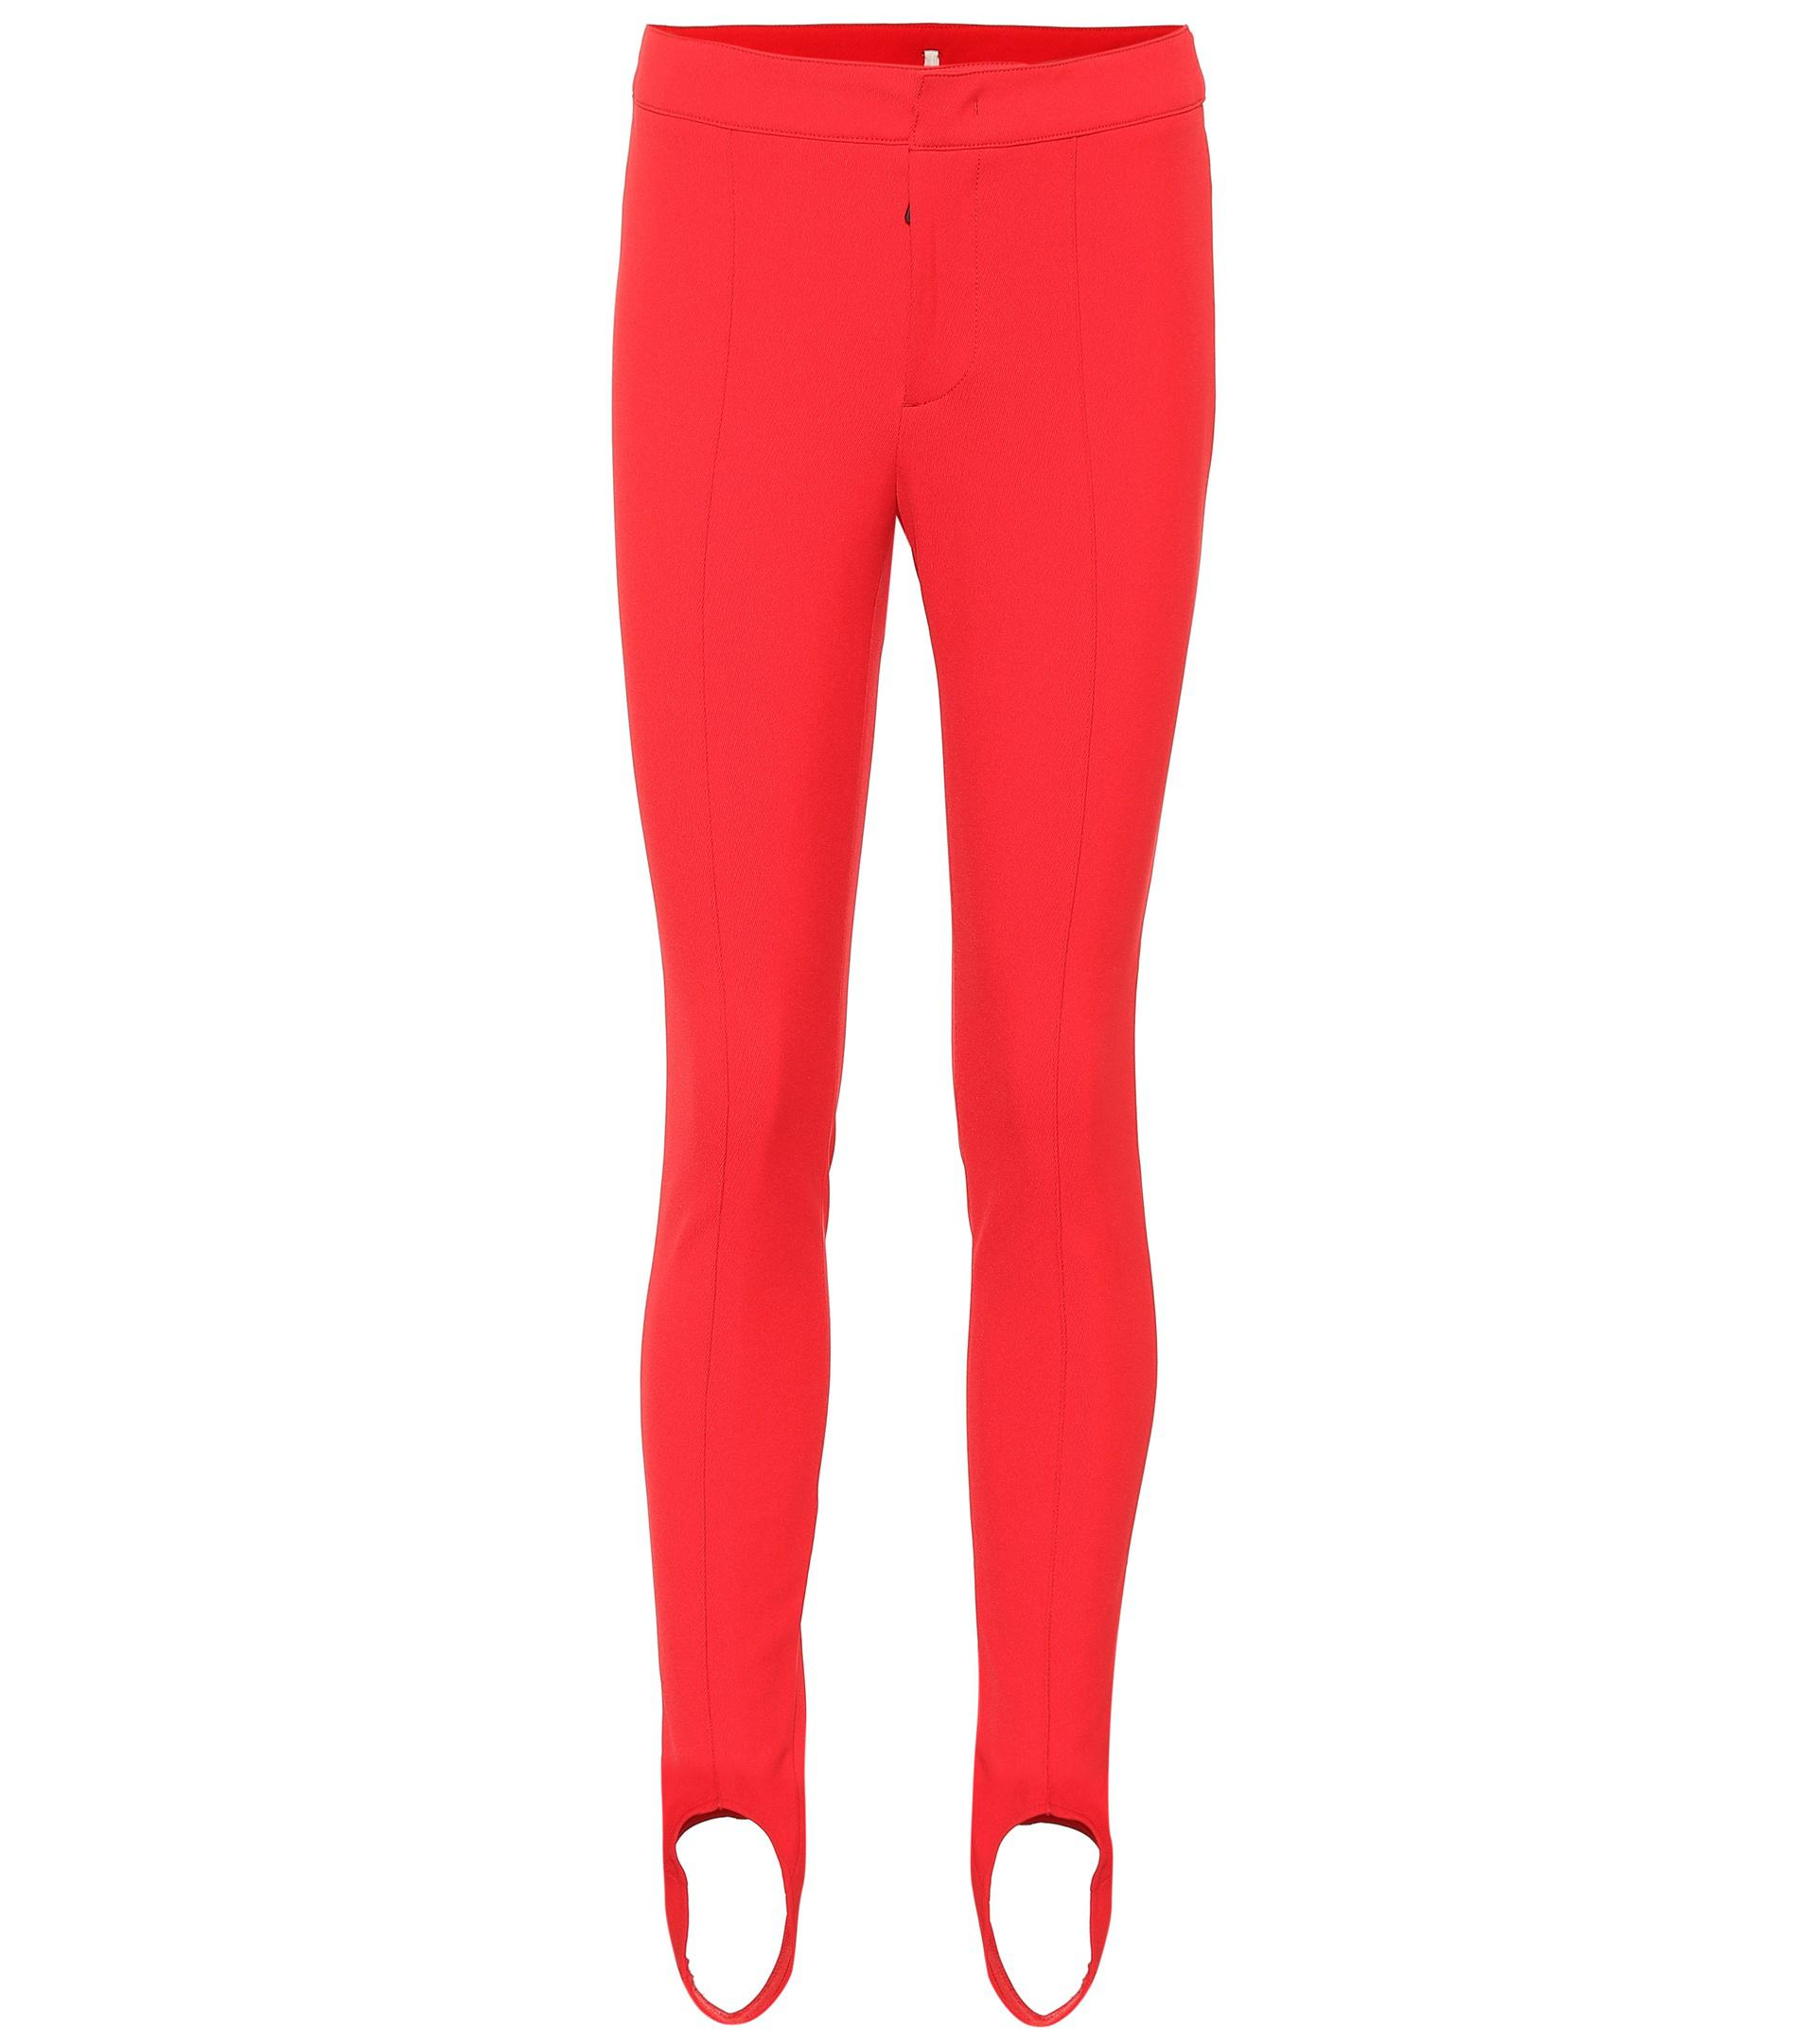 Moncler Grenoble Stirrup Ski Pants in Red - Lyst 8af5cddb9